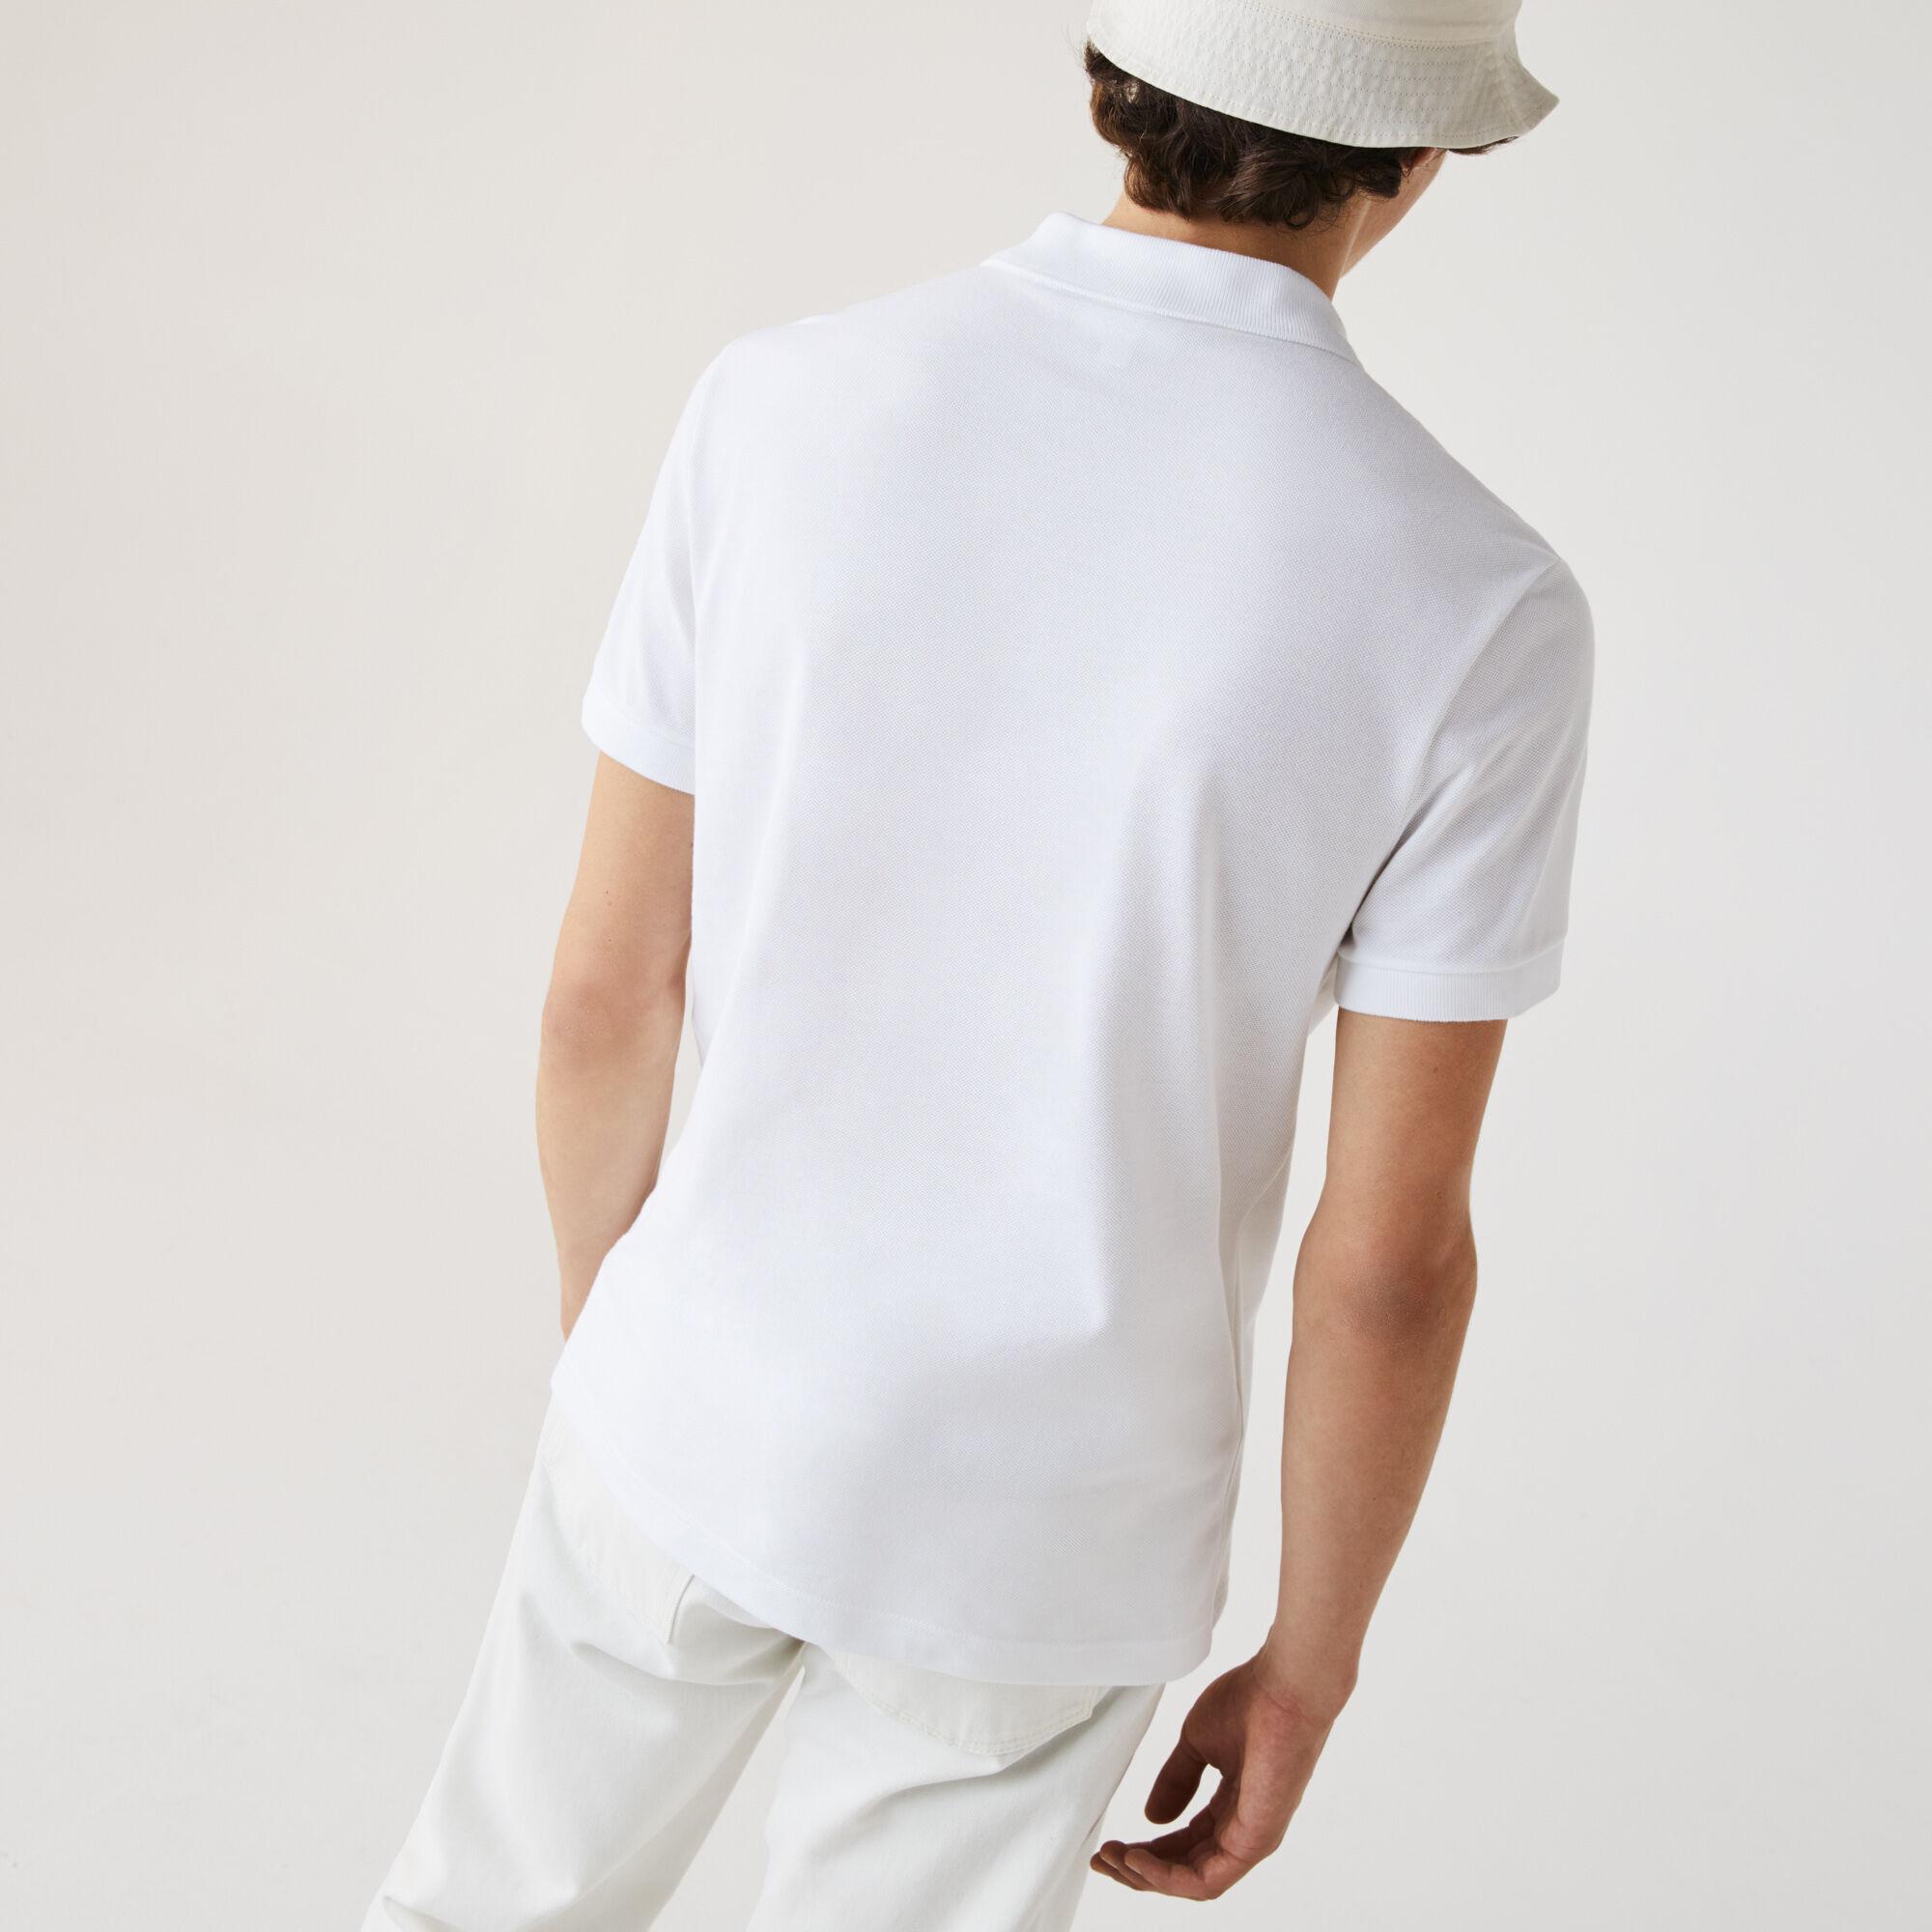 قميص بولو قطن للرجال بقصة عادية وشارة